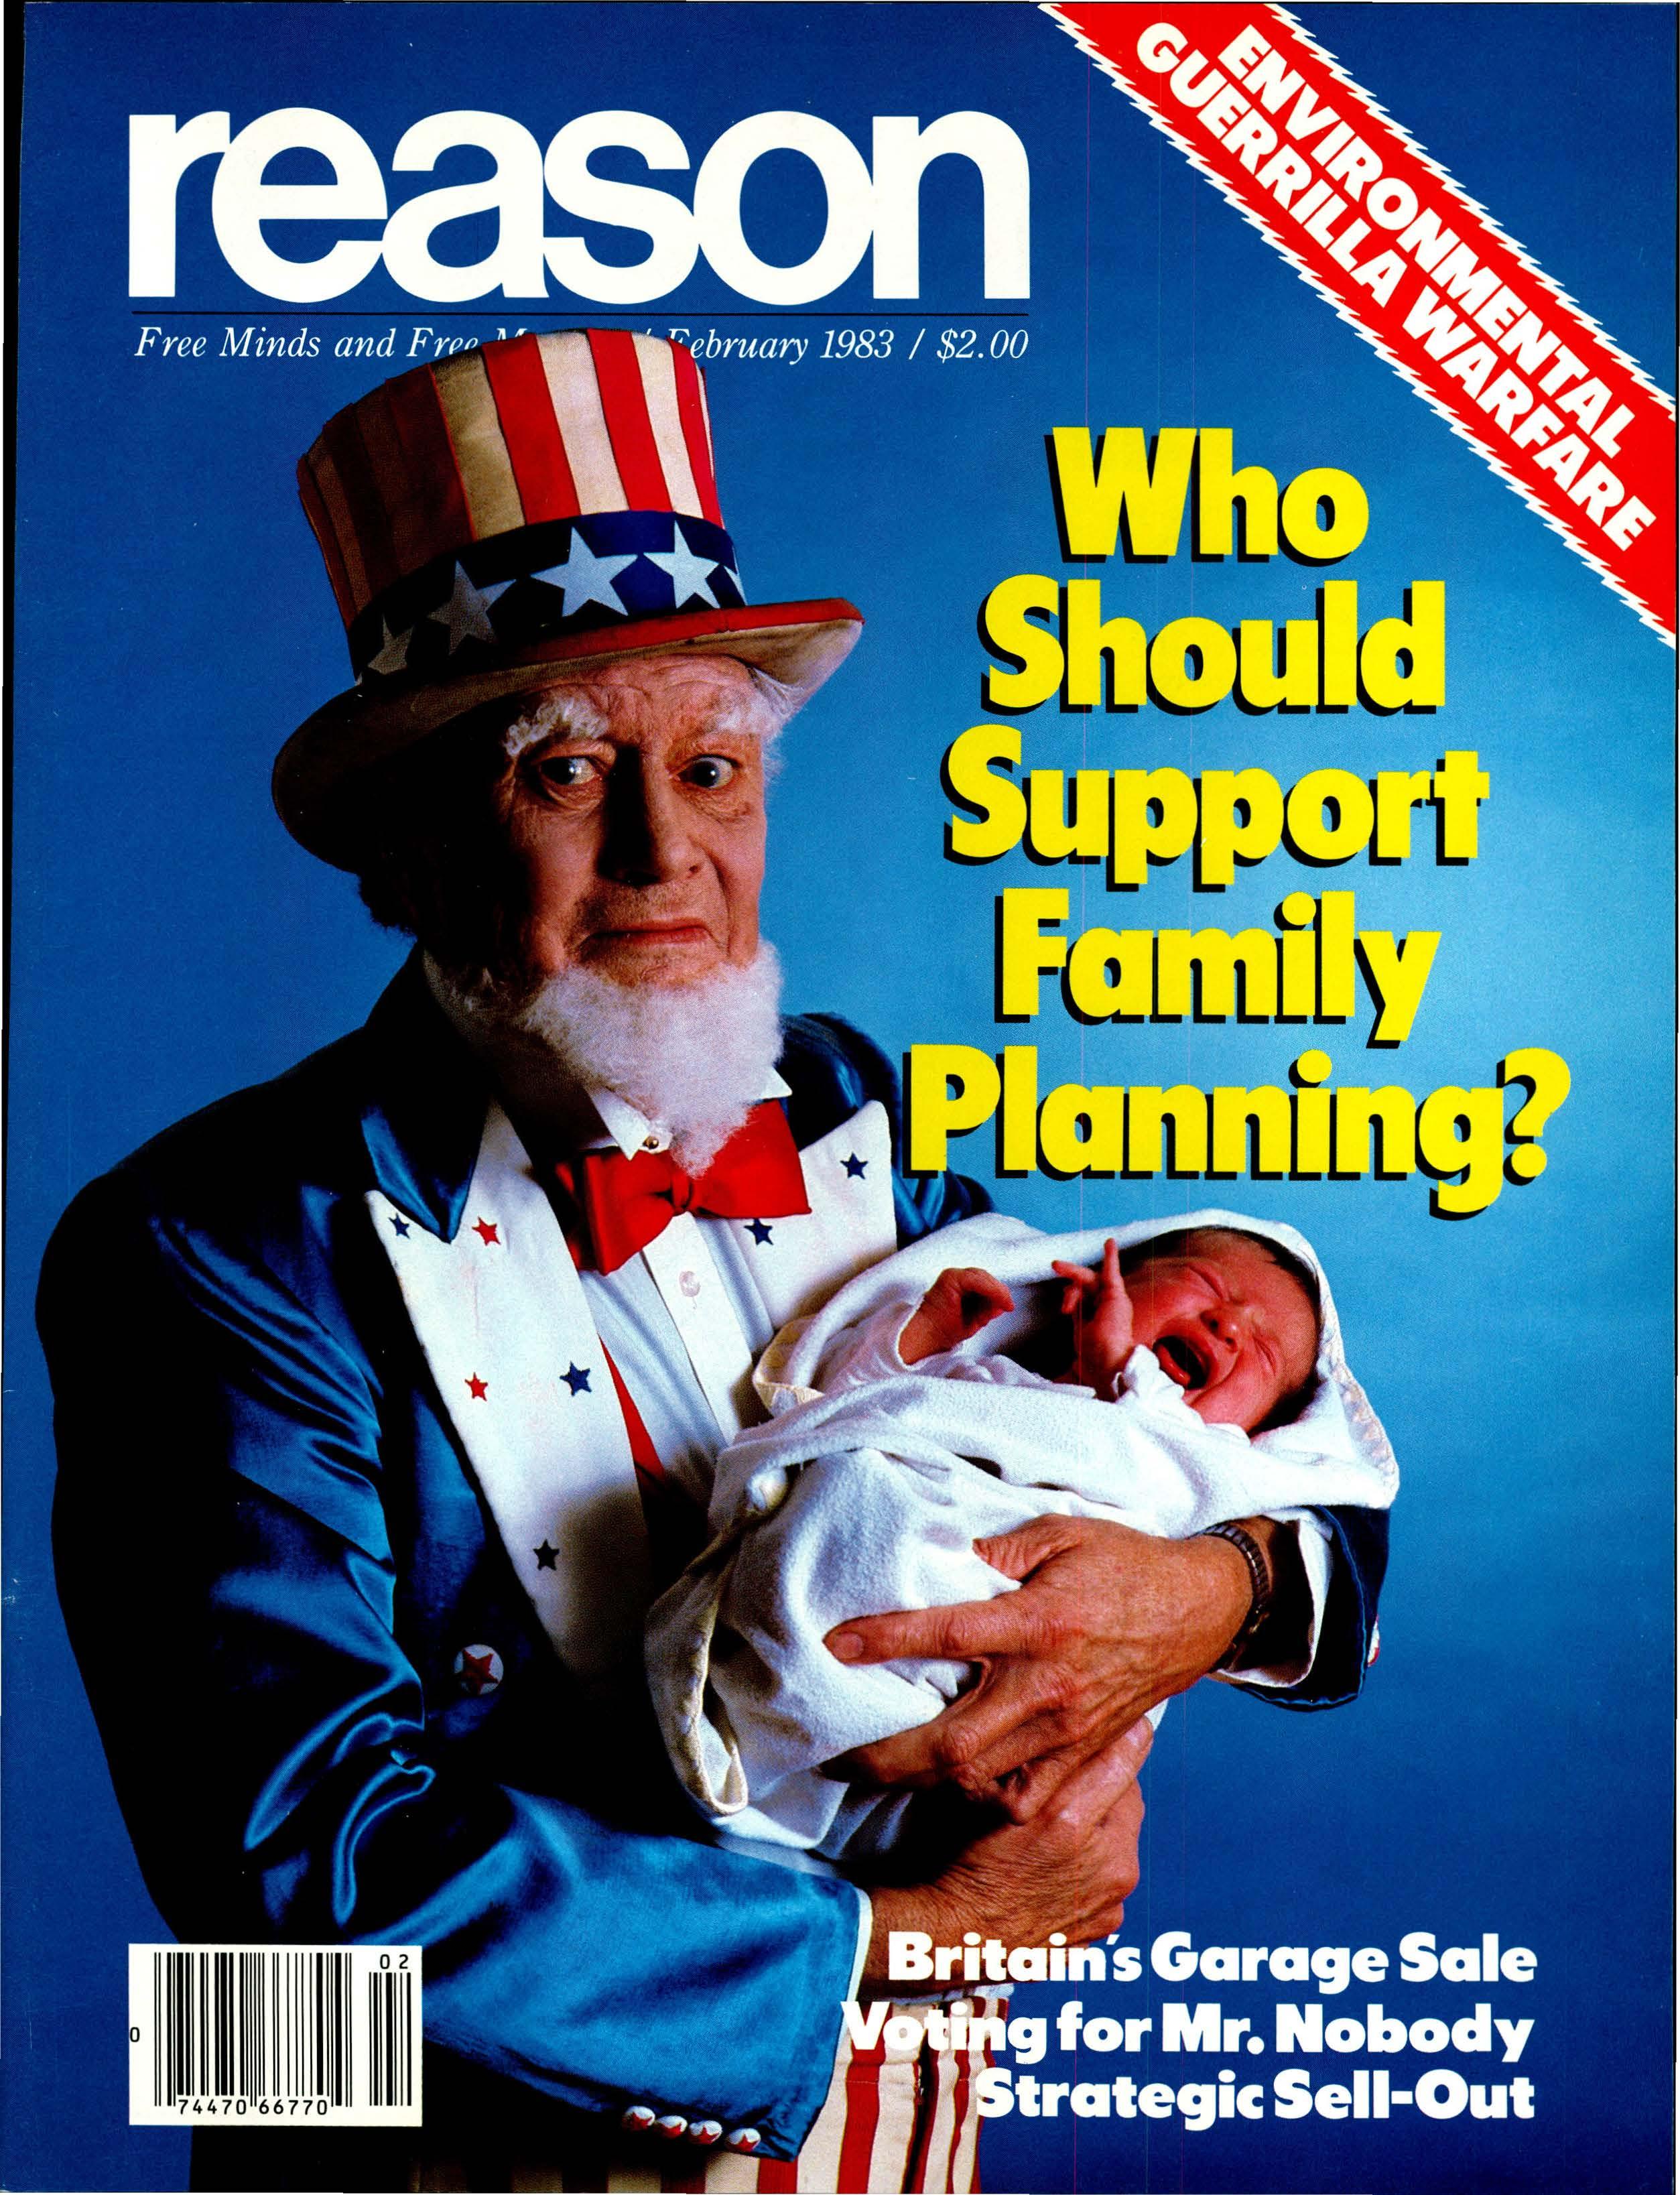 Reason Magazine, February 1983 cover image